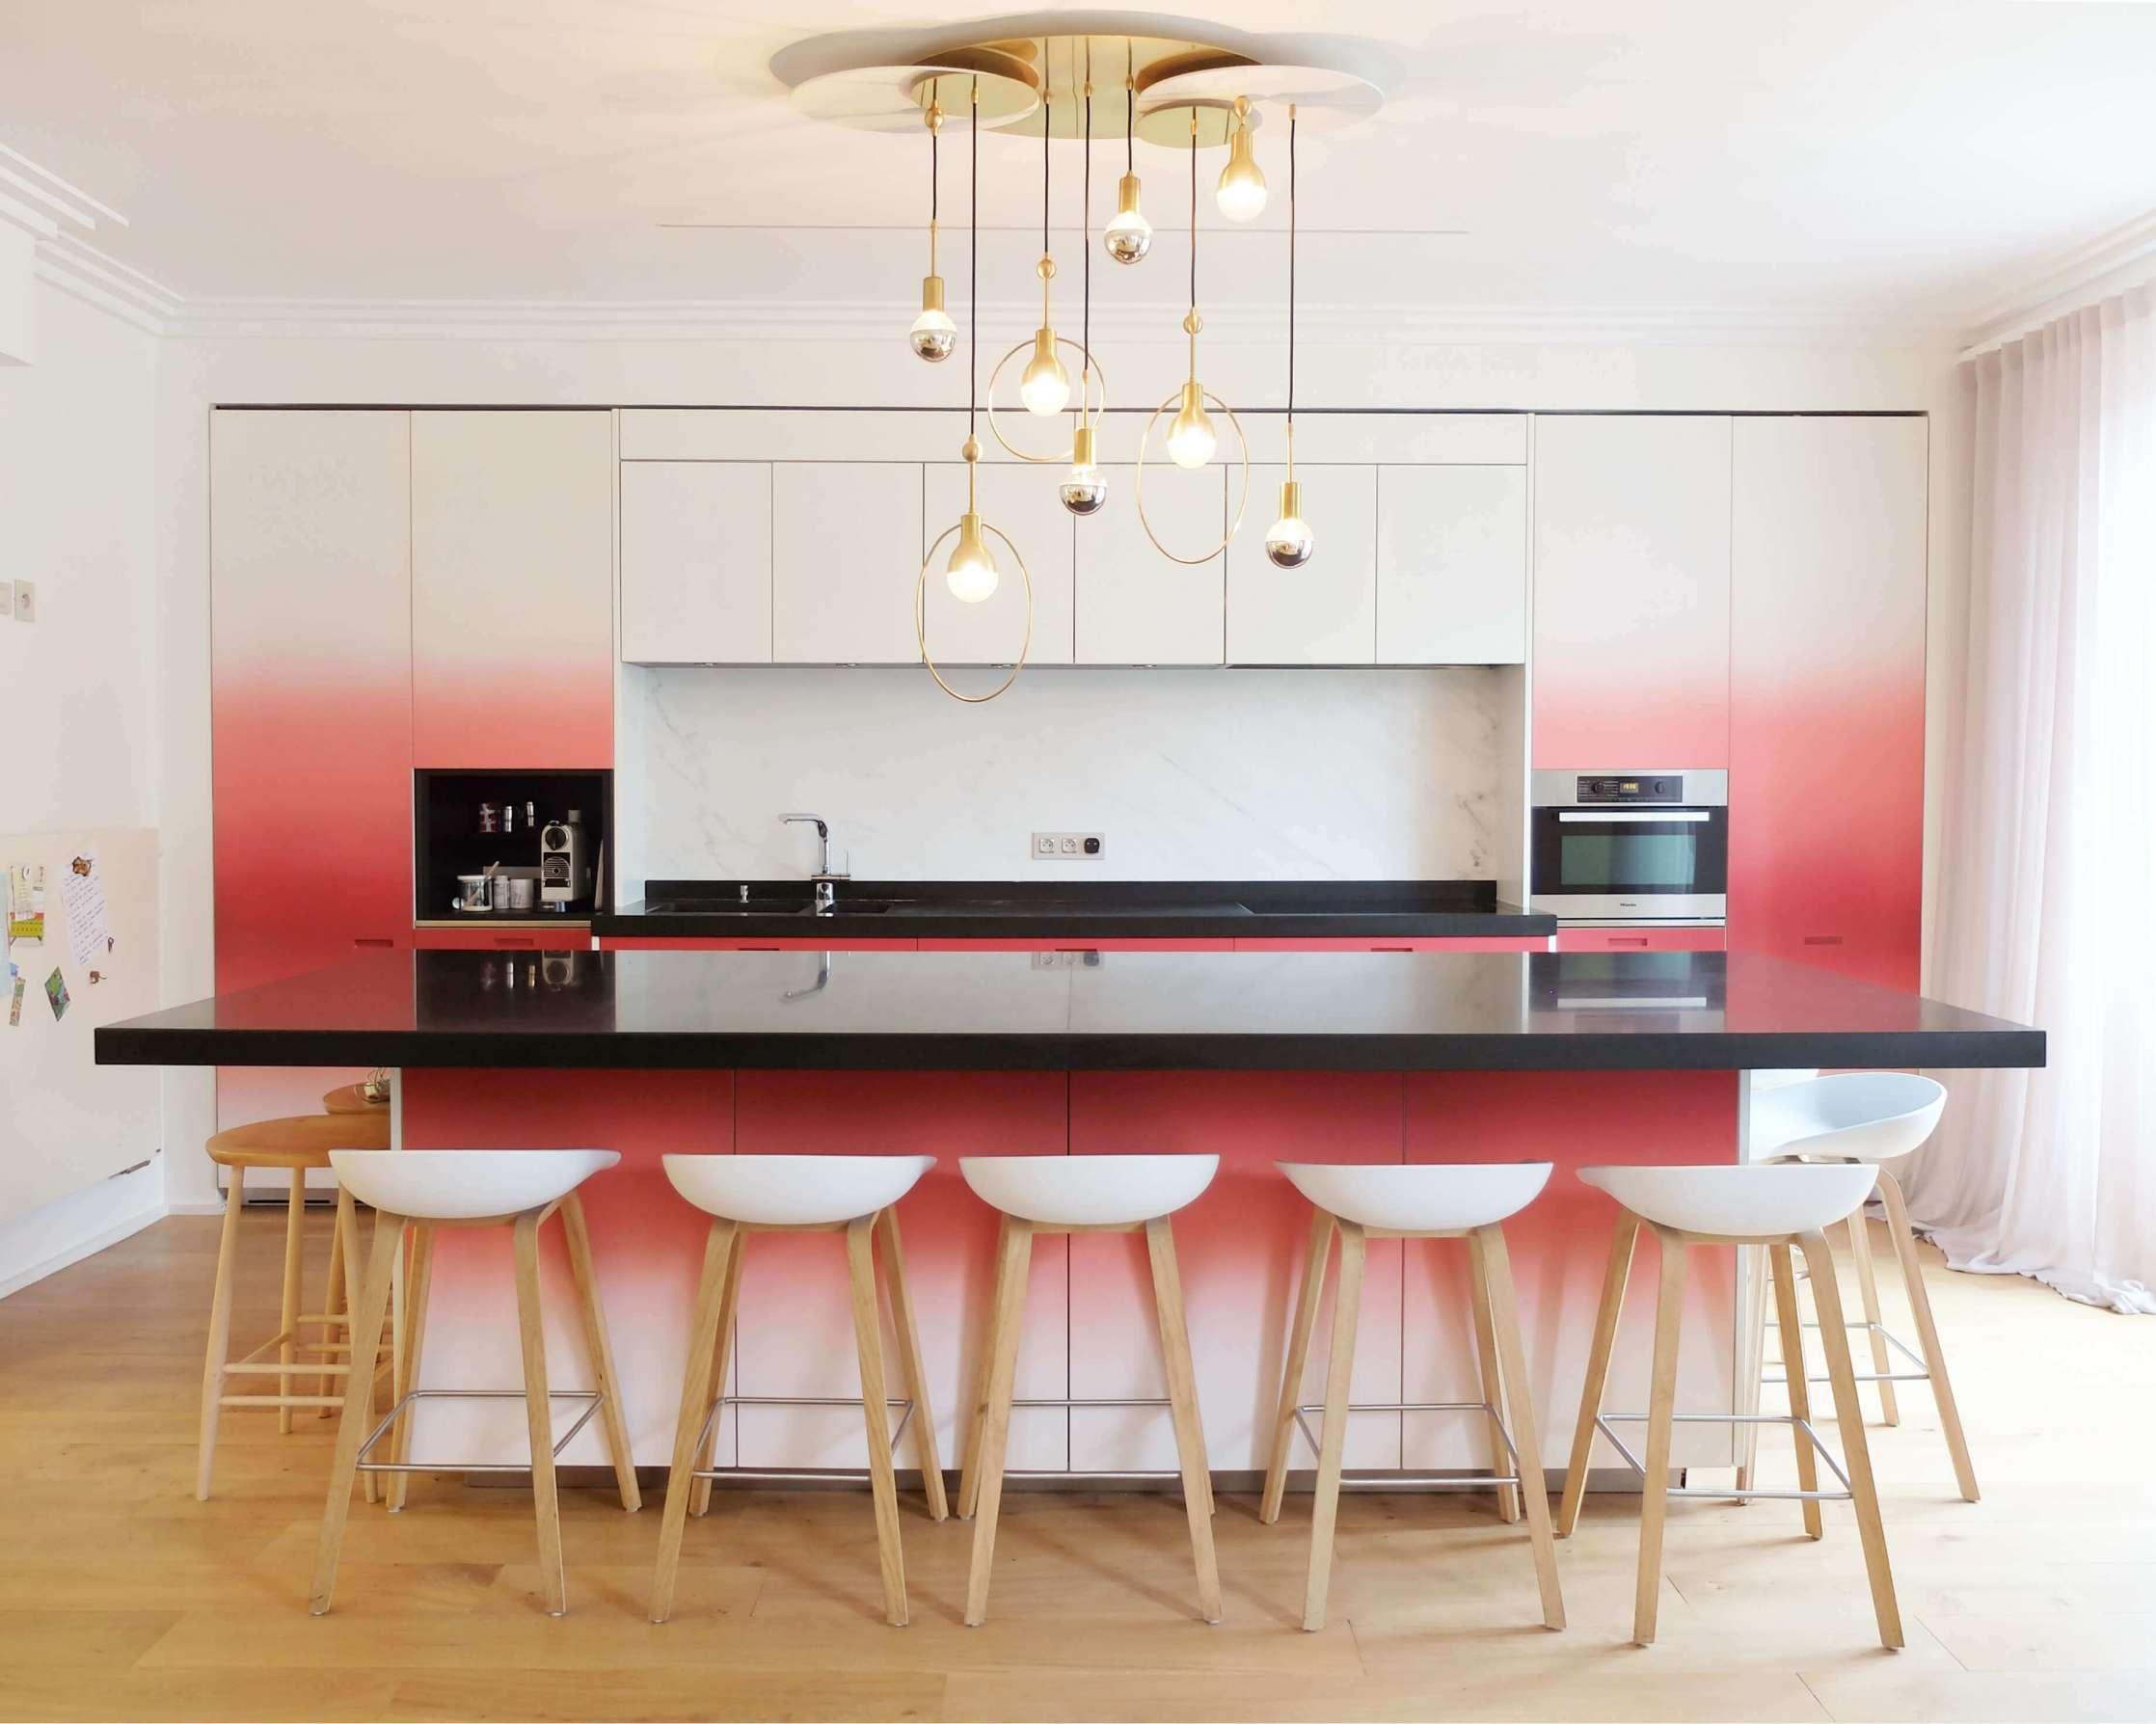 Cuisine contemporaine blanche et rouge par un artiste